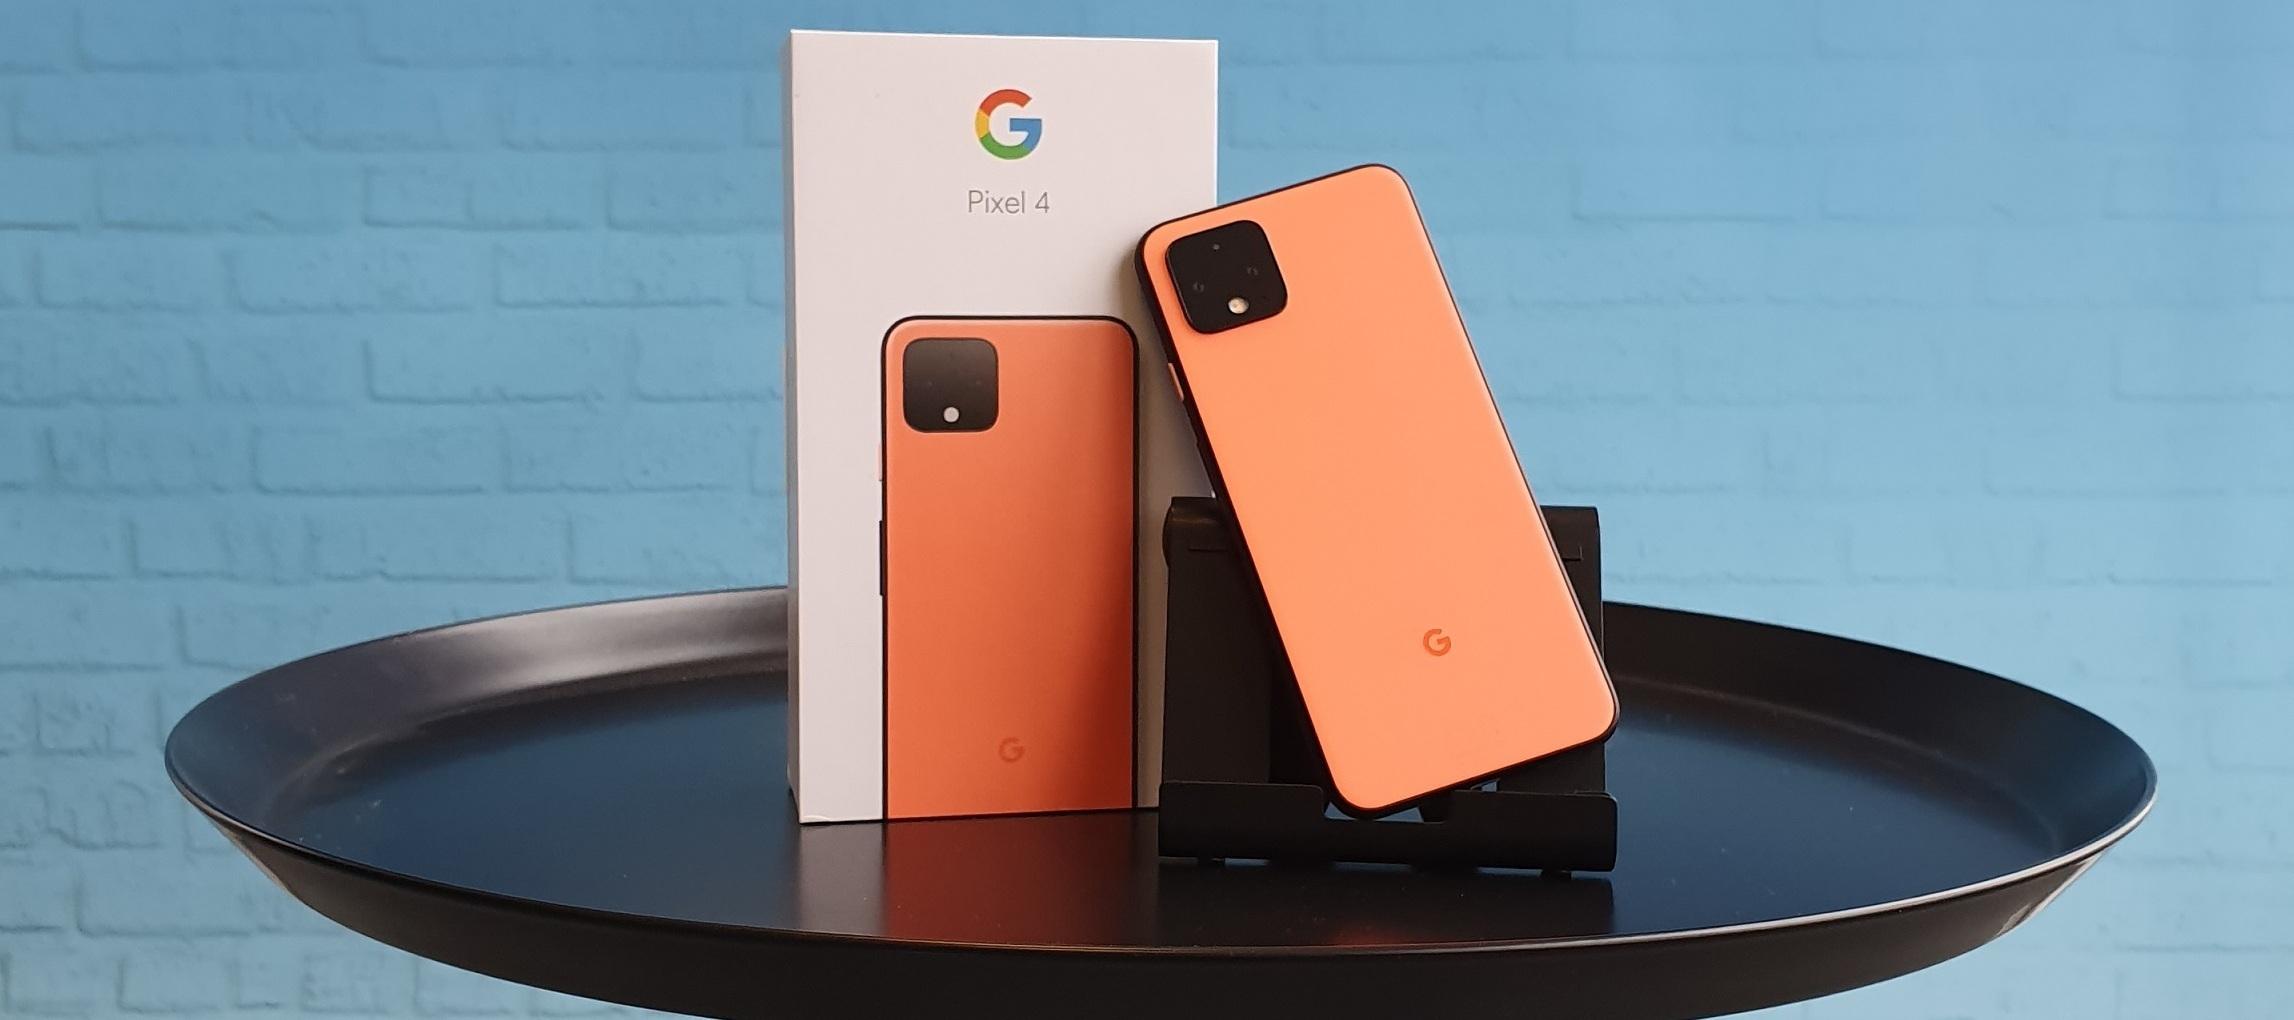 Google Pixel 4 Testgerät – Werde Smartphone-Tester/in und mache das neue Jahr bunt!